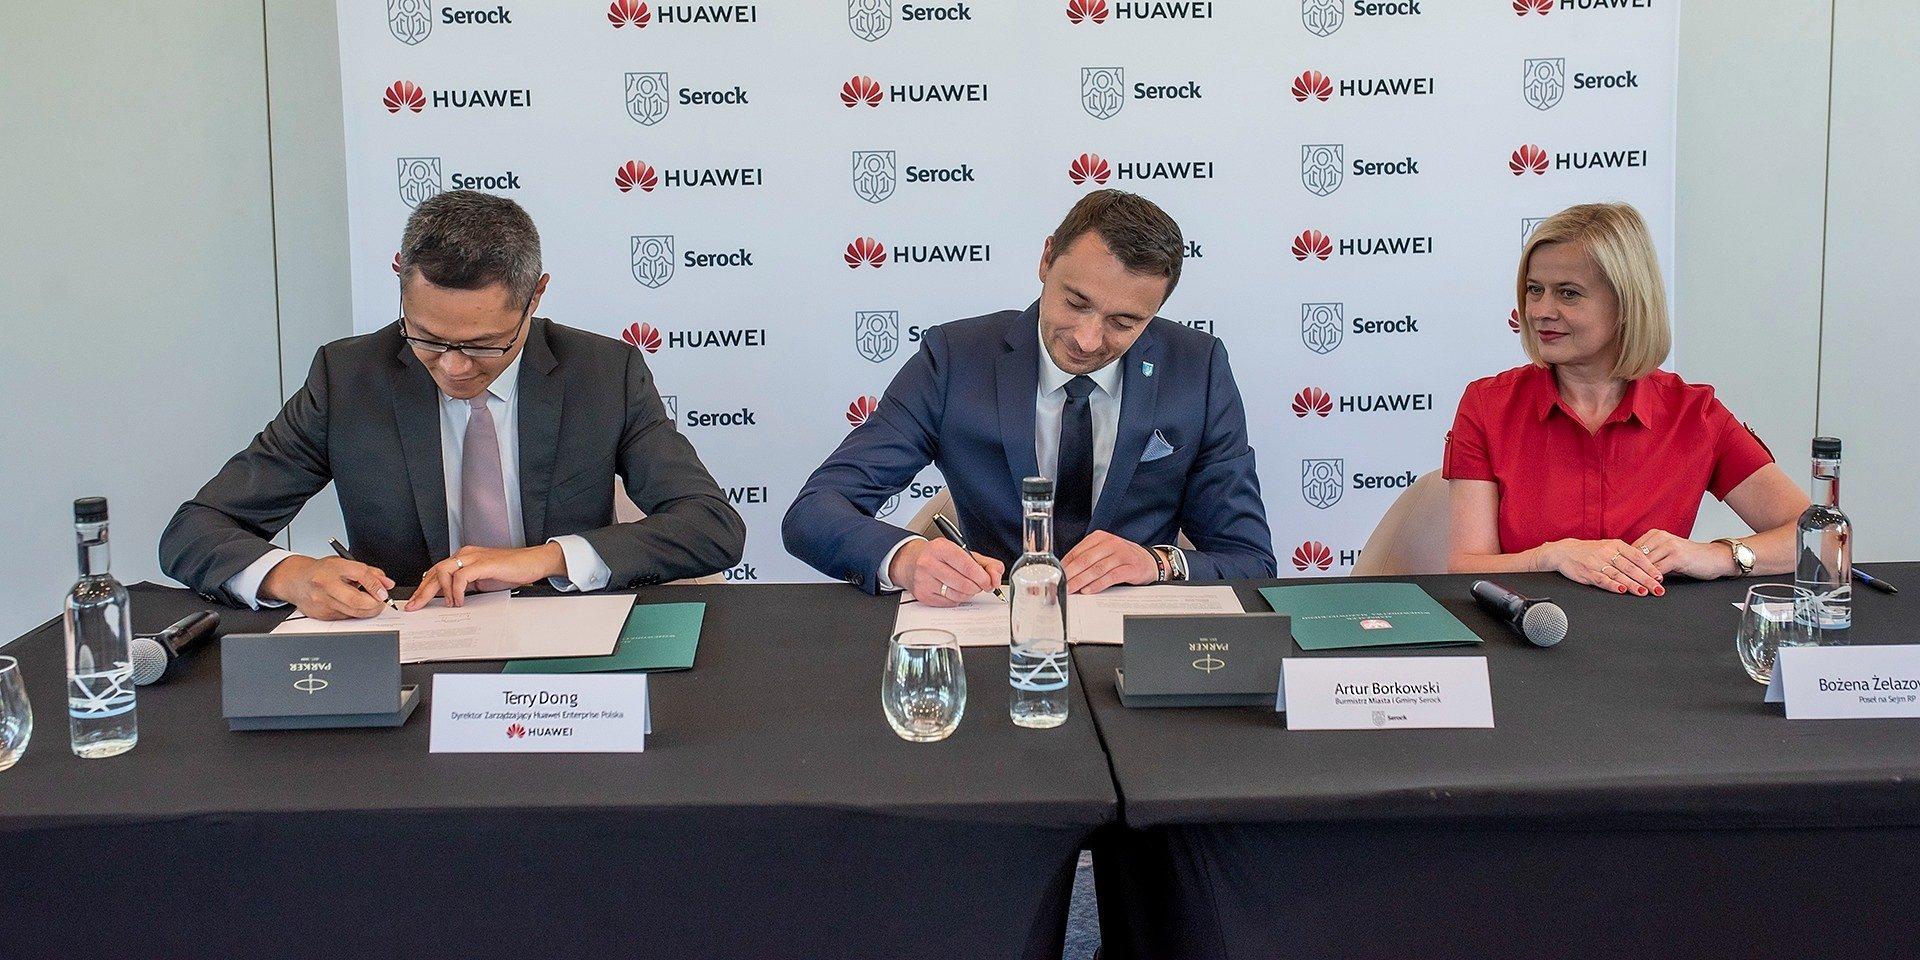 Huawei Serock SmartCity fot. Huawei